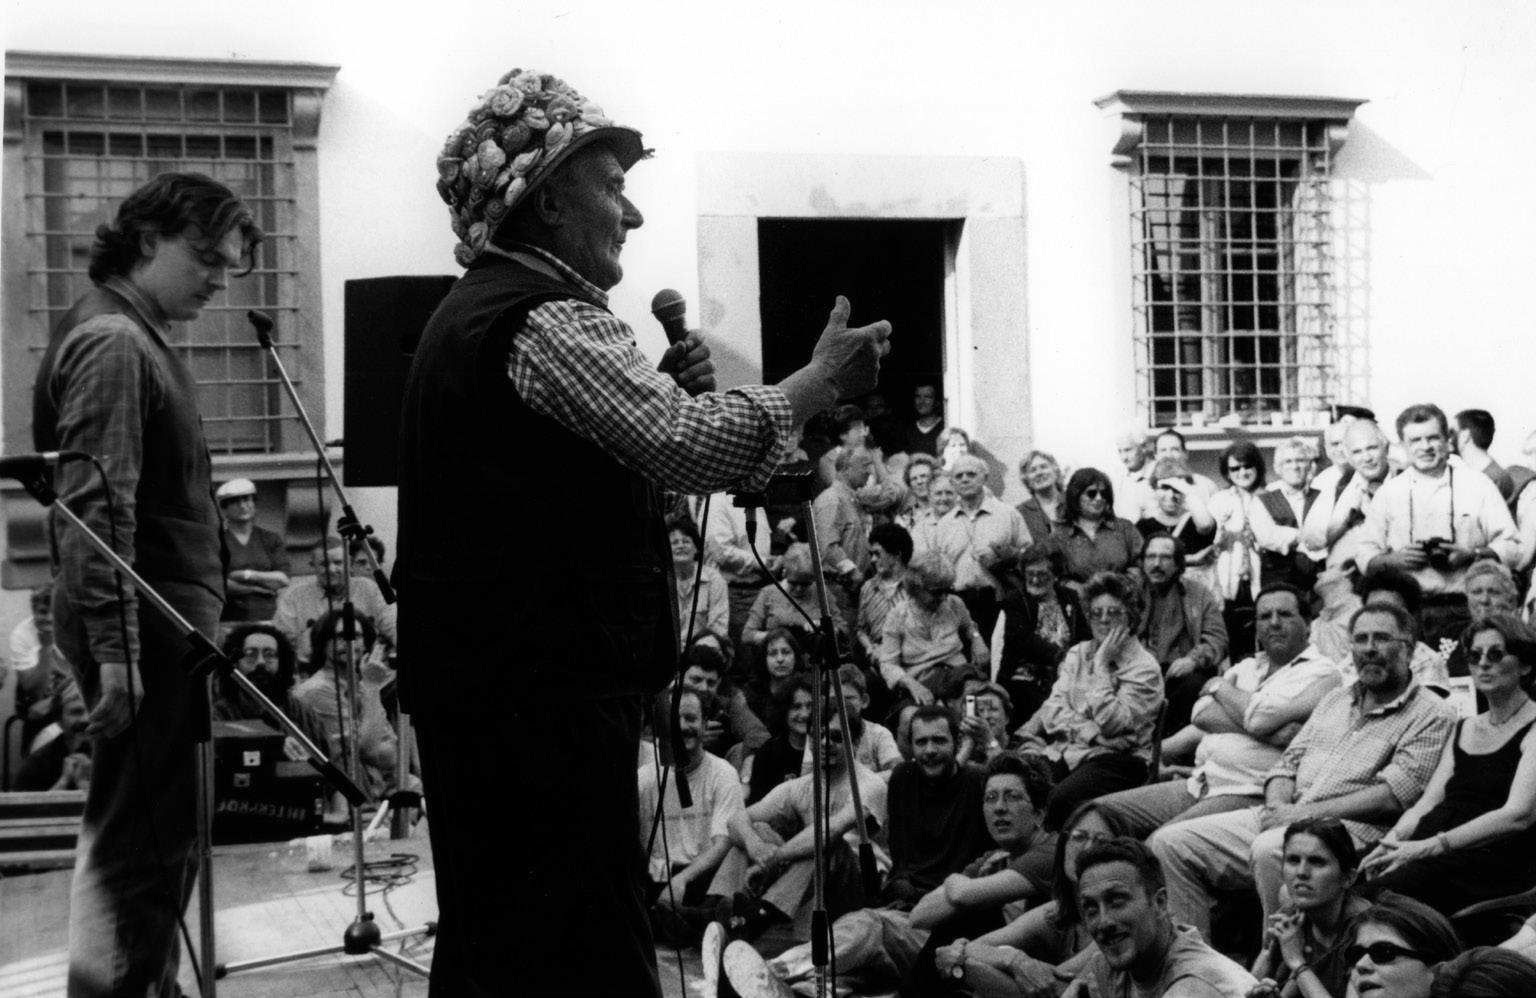 FIGURA 16. I poeti improvvisatori in ottava rima Gianni Ciolli e Altamante Logli sul palco della festa del Primo Maggio, Istituto Ernesto de Martino, 2003 (foto: A. Chiti).